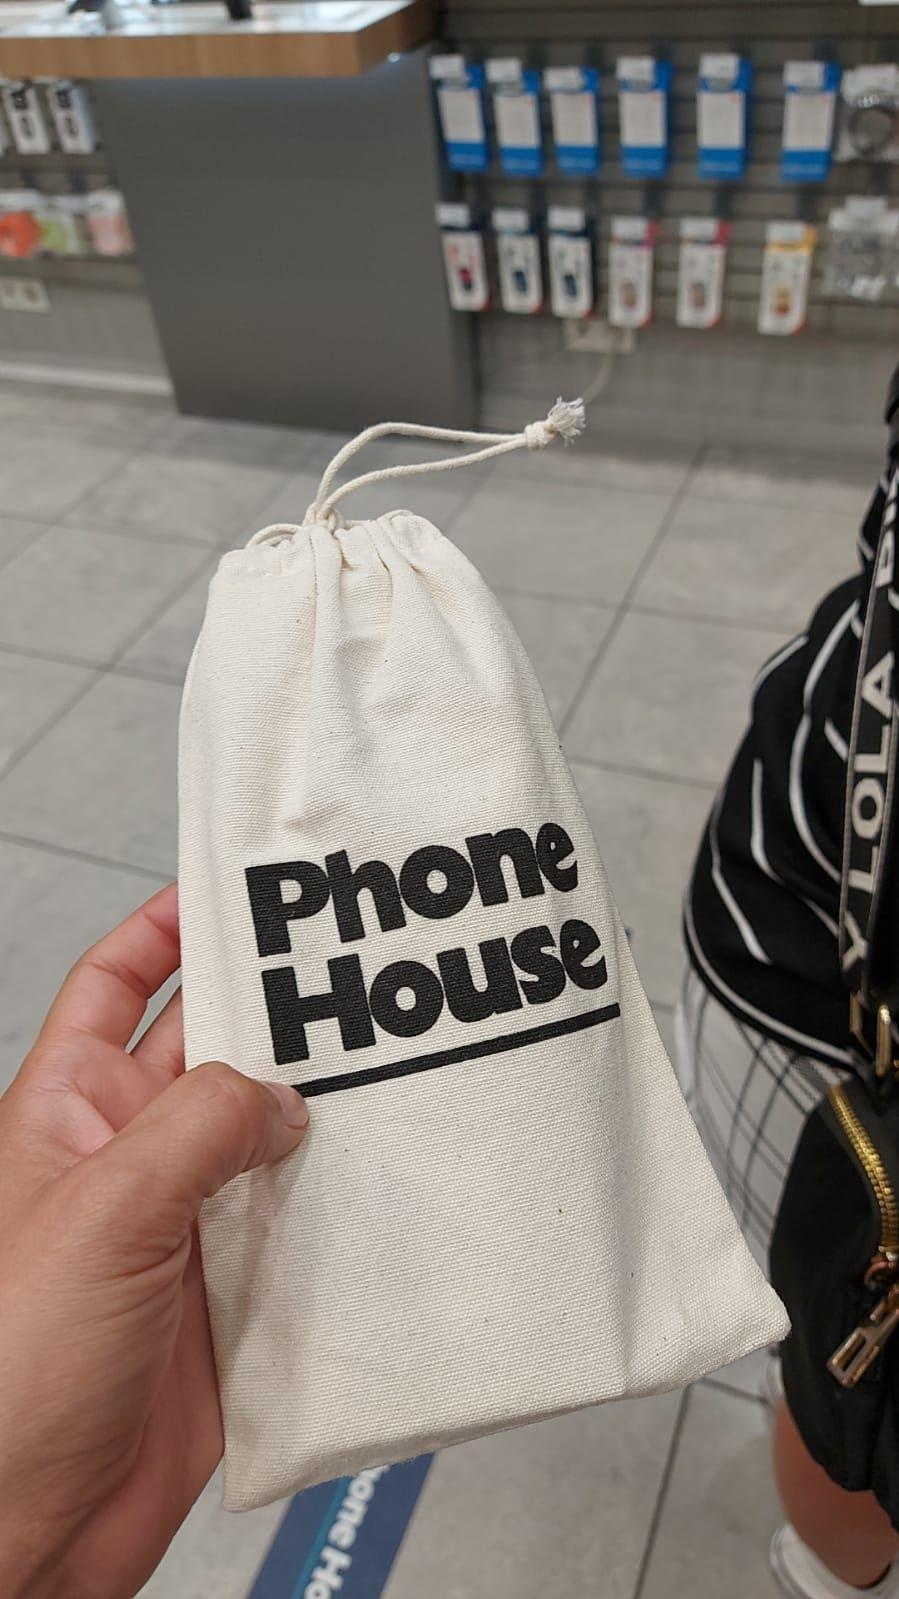 Cascos gratis the phone house a coruña